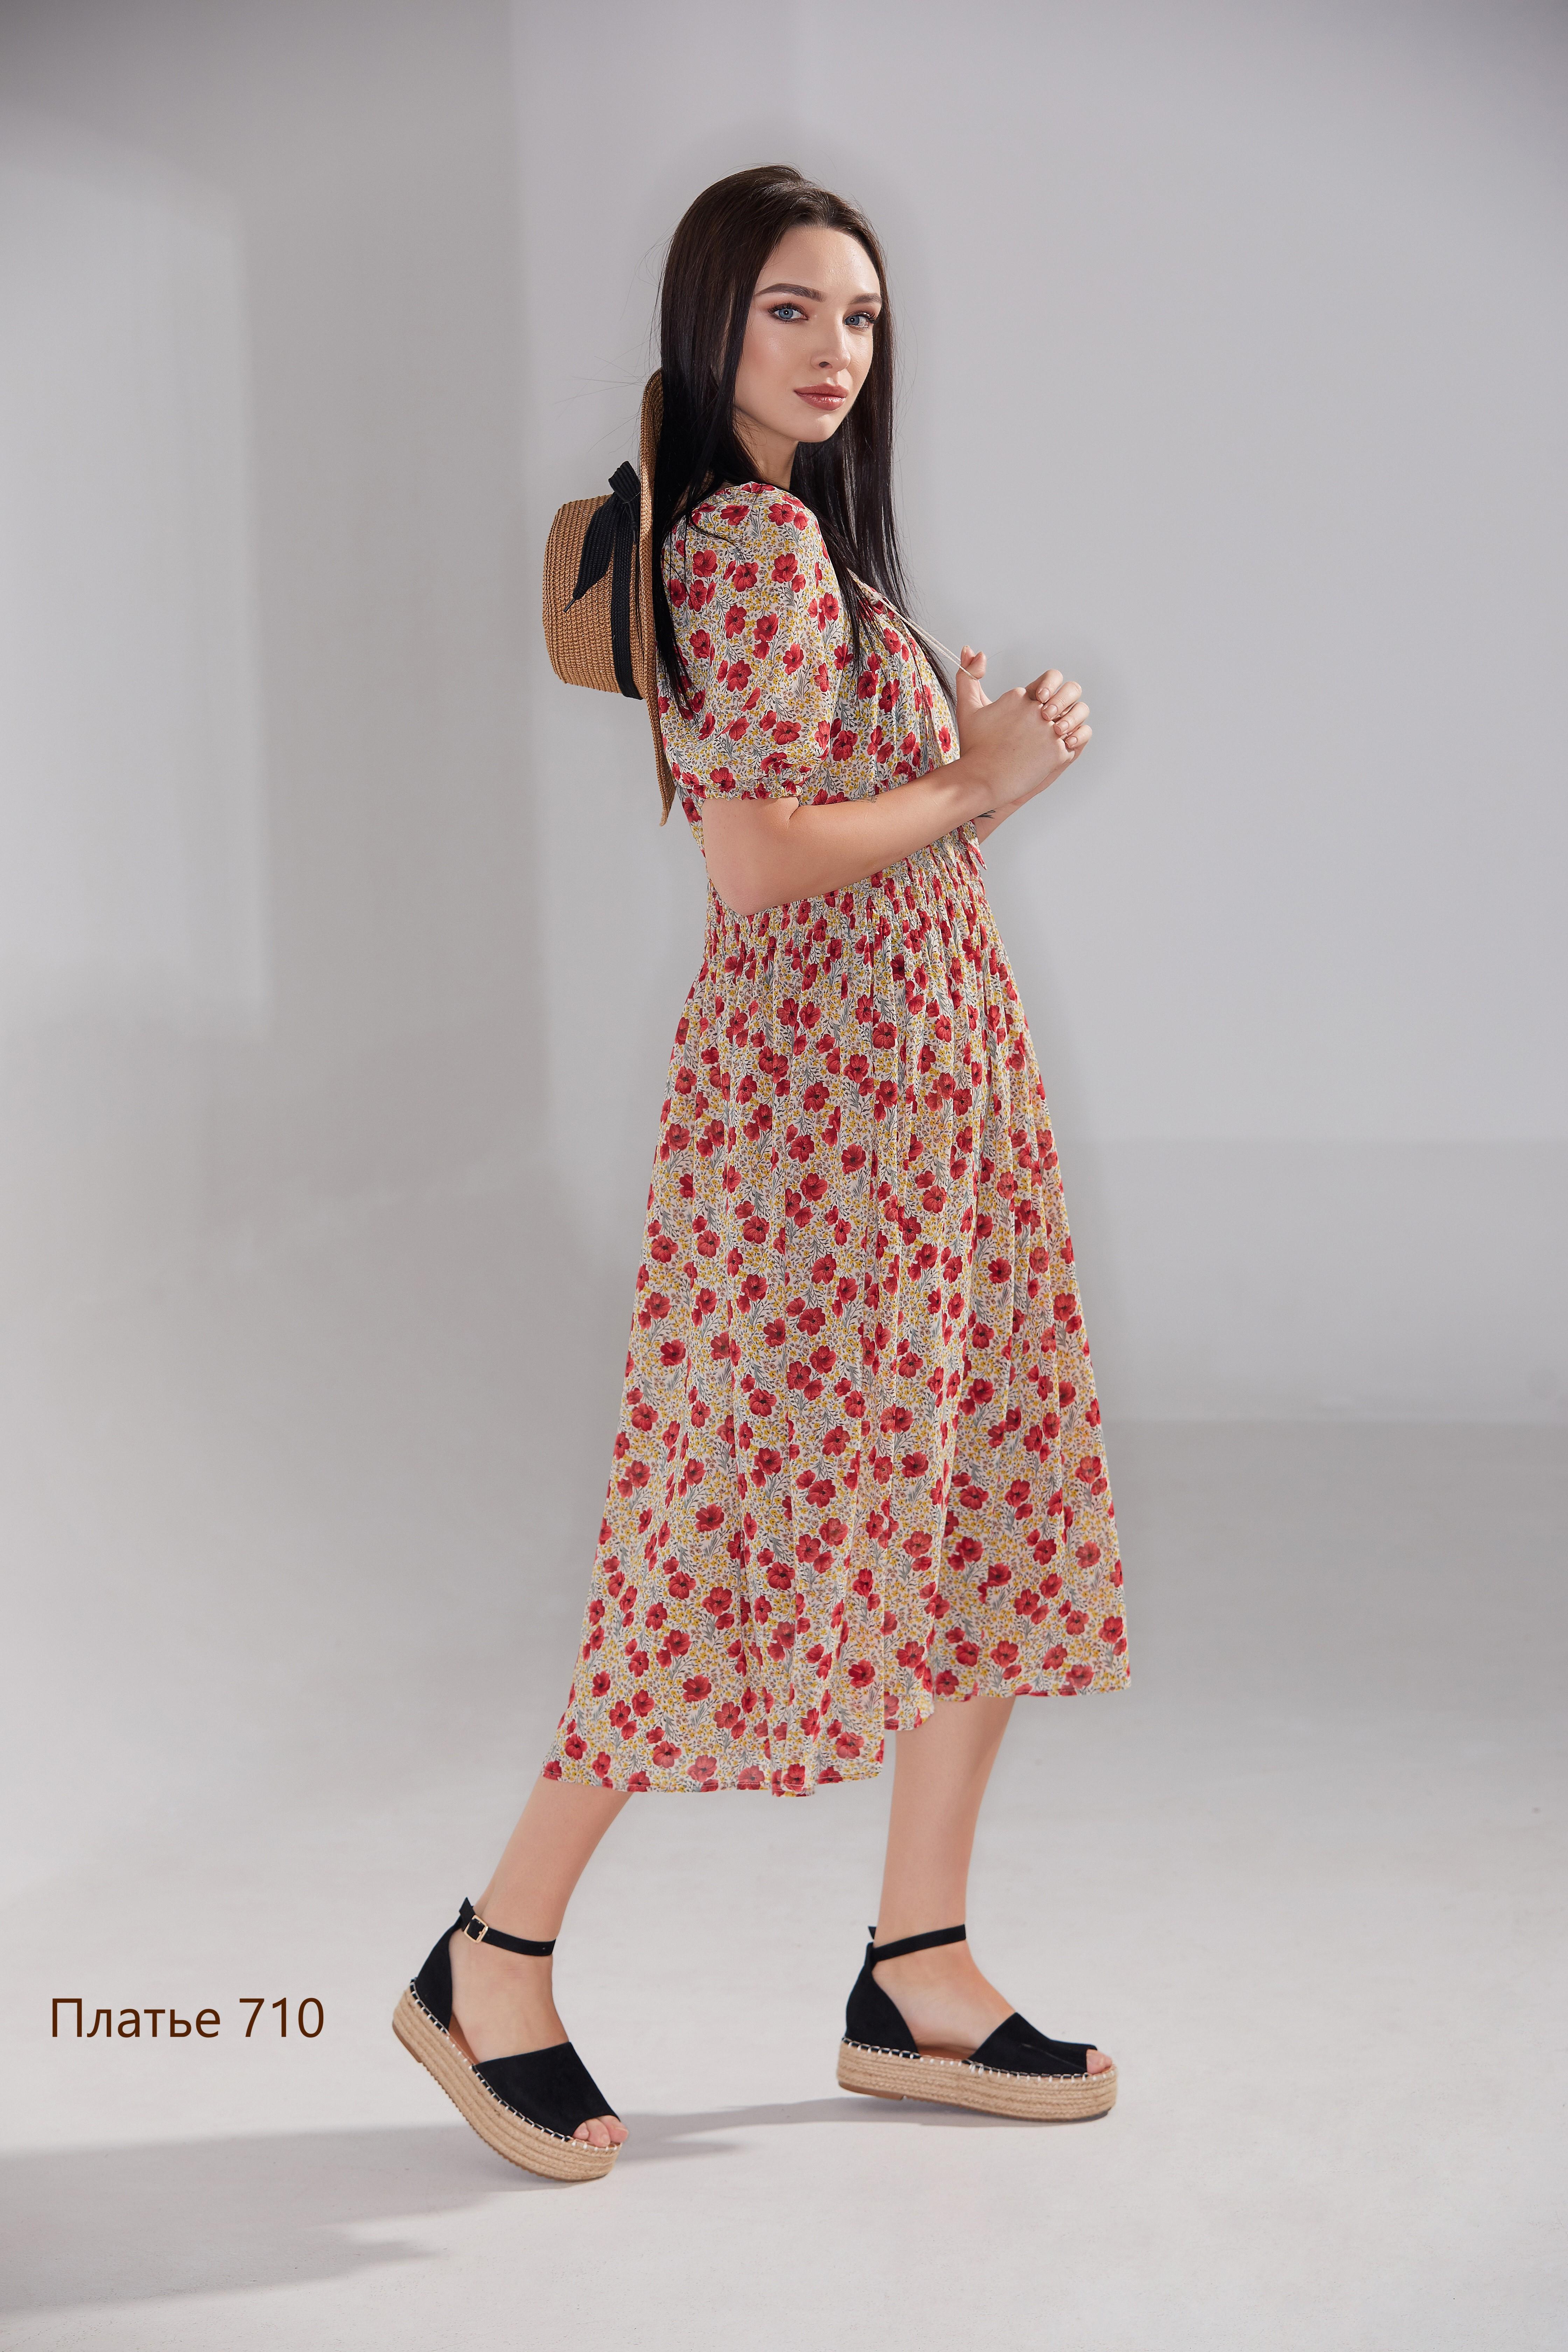 Платье 710 (2)